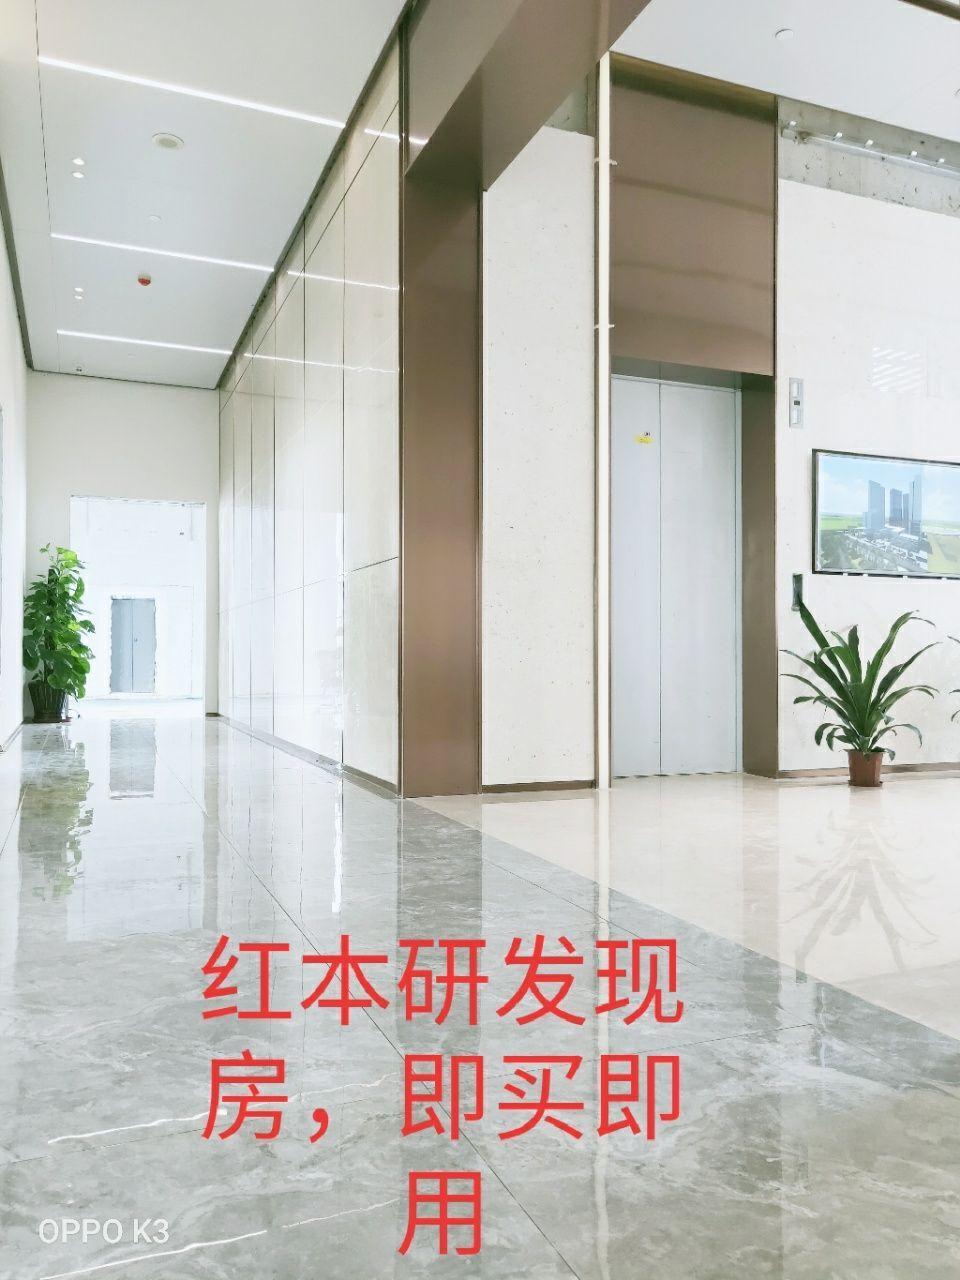 宝安地标红本现房 工业研发办公楼30万平米出卖-图6